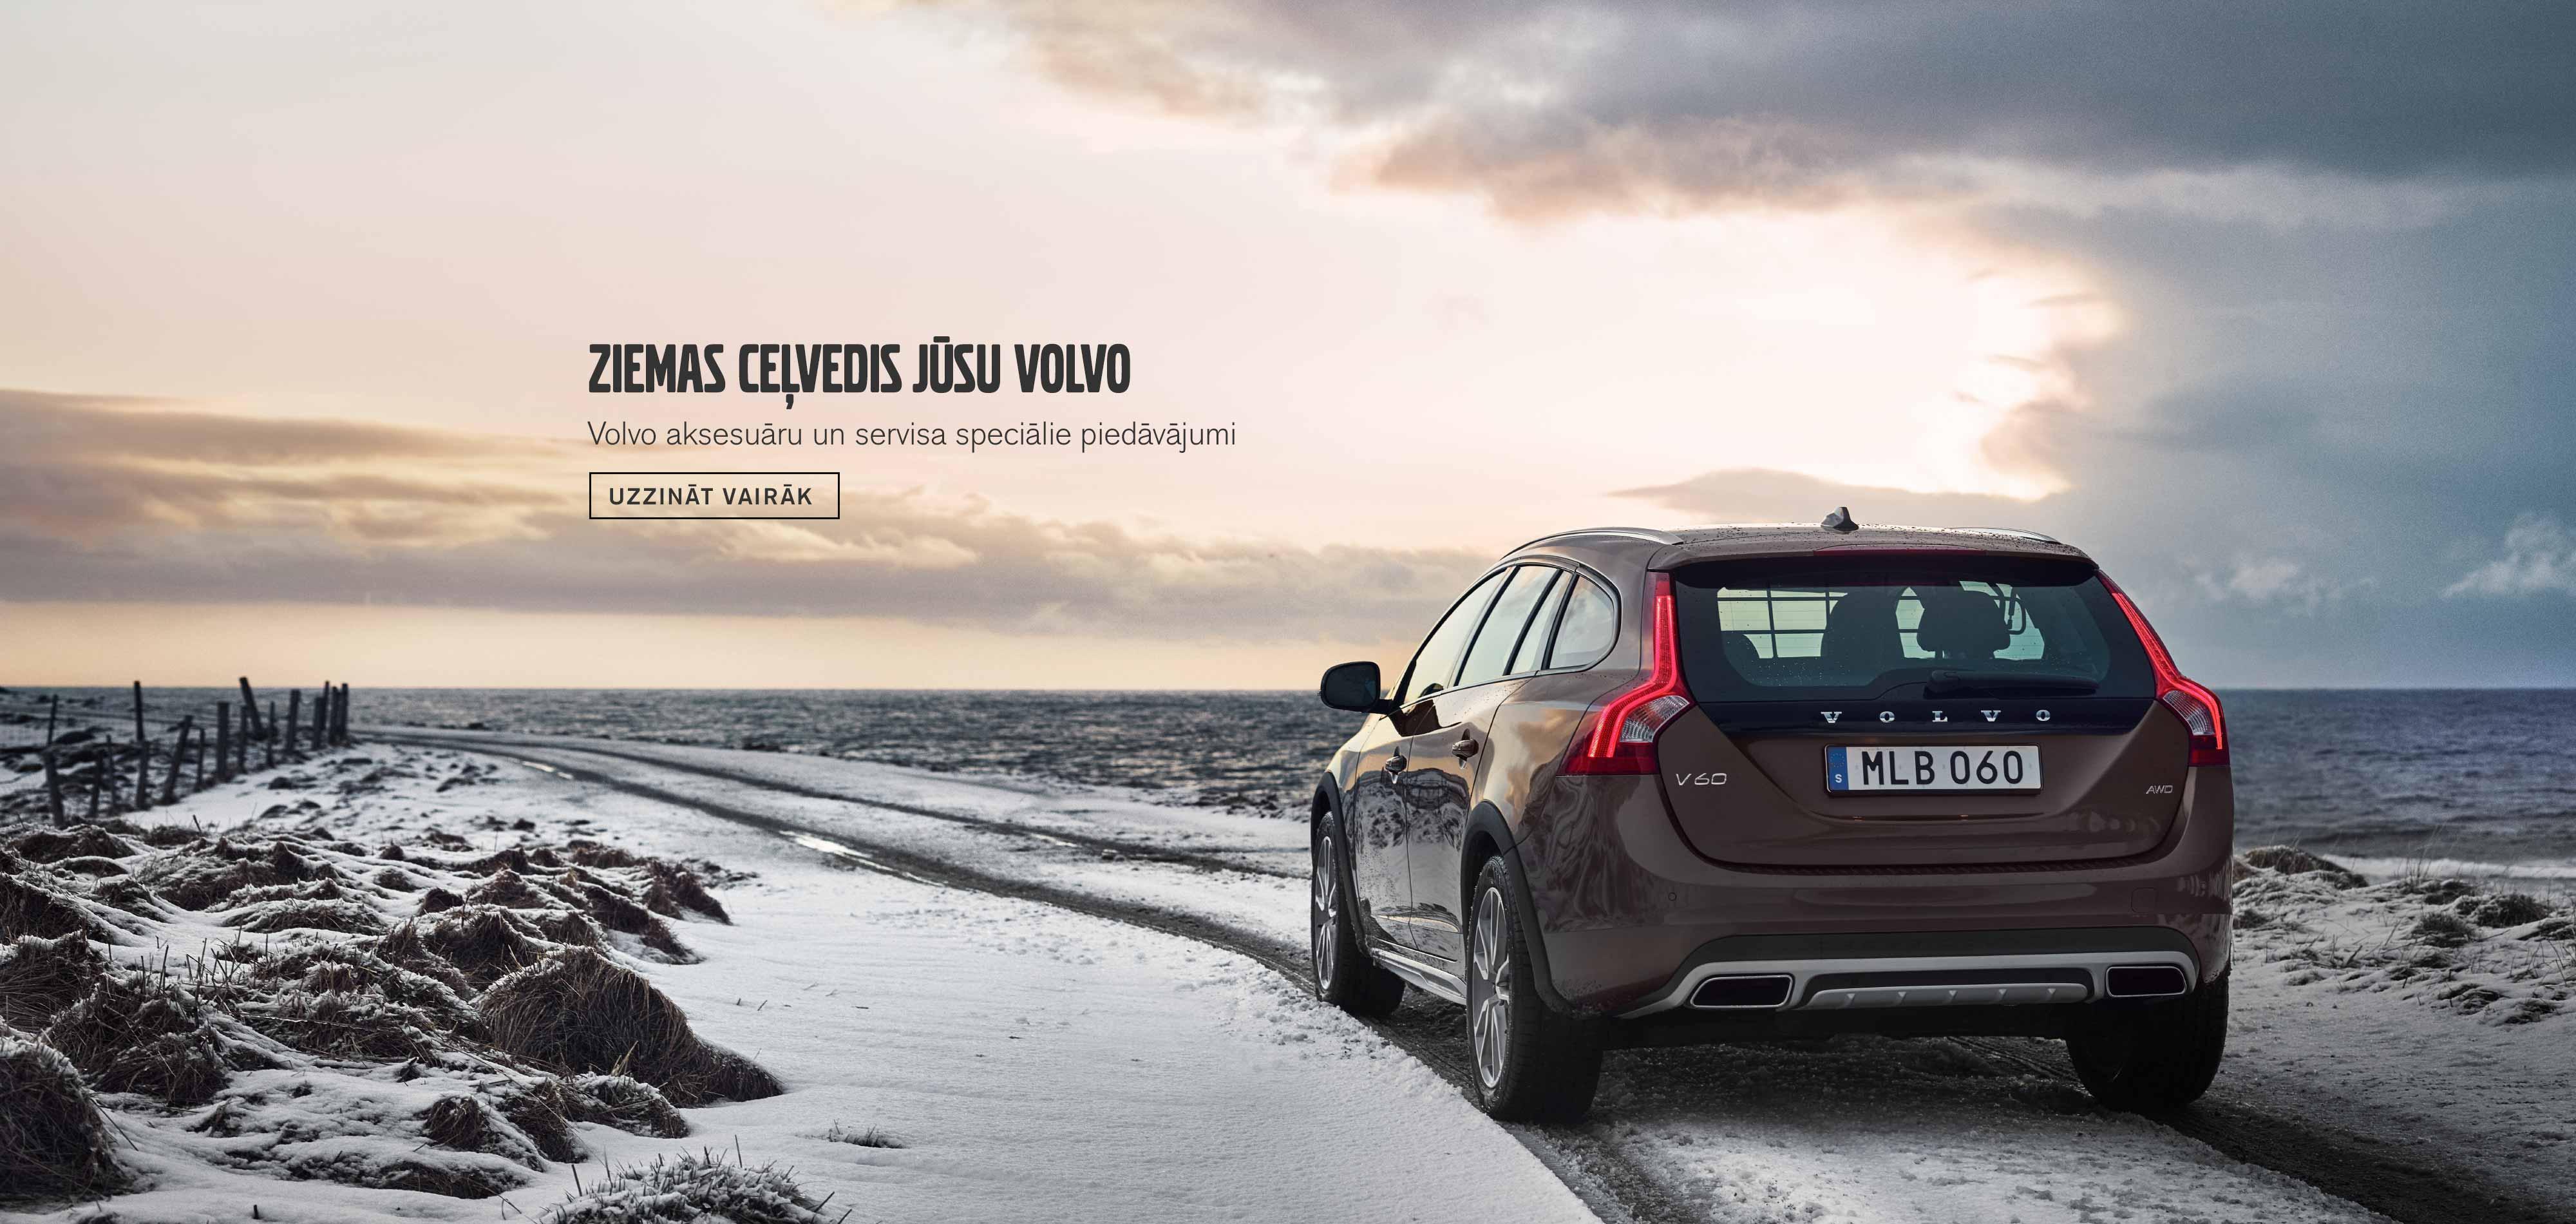 Ziemas ceļvedis jūsu Volvo